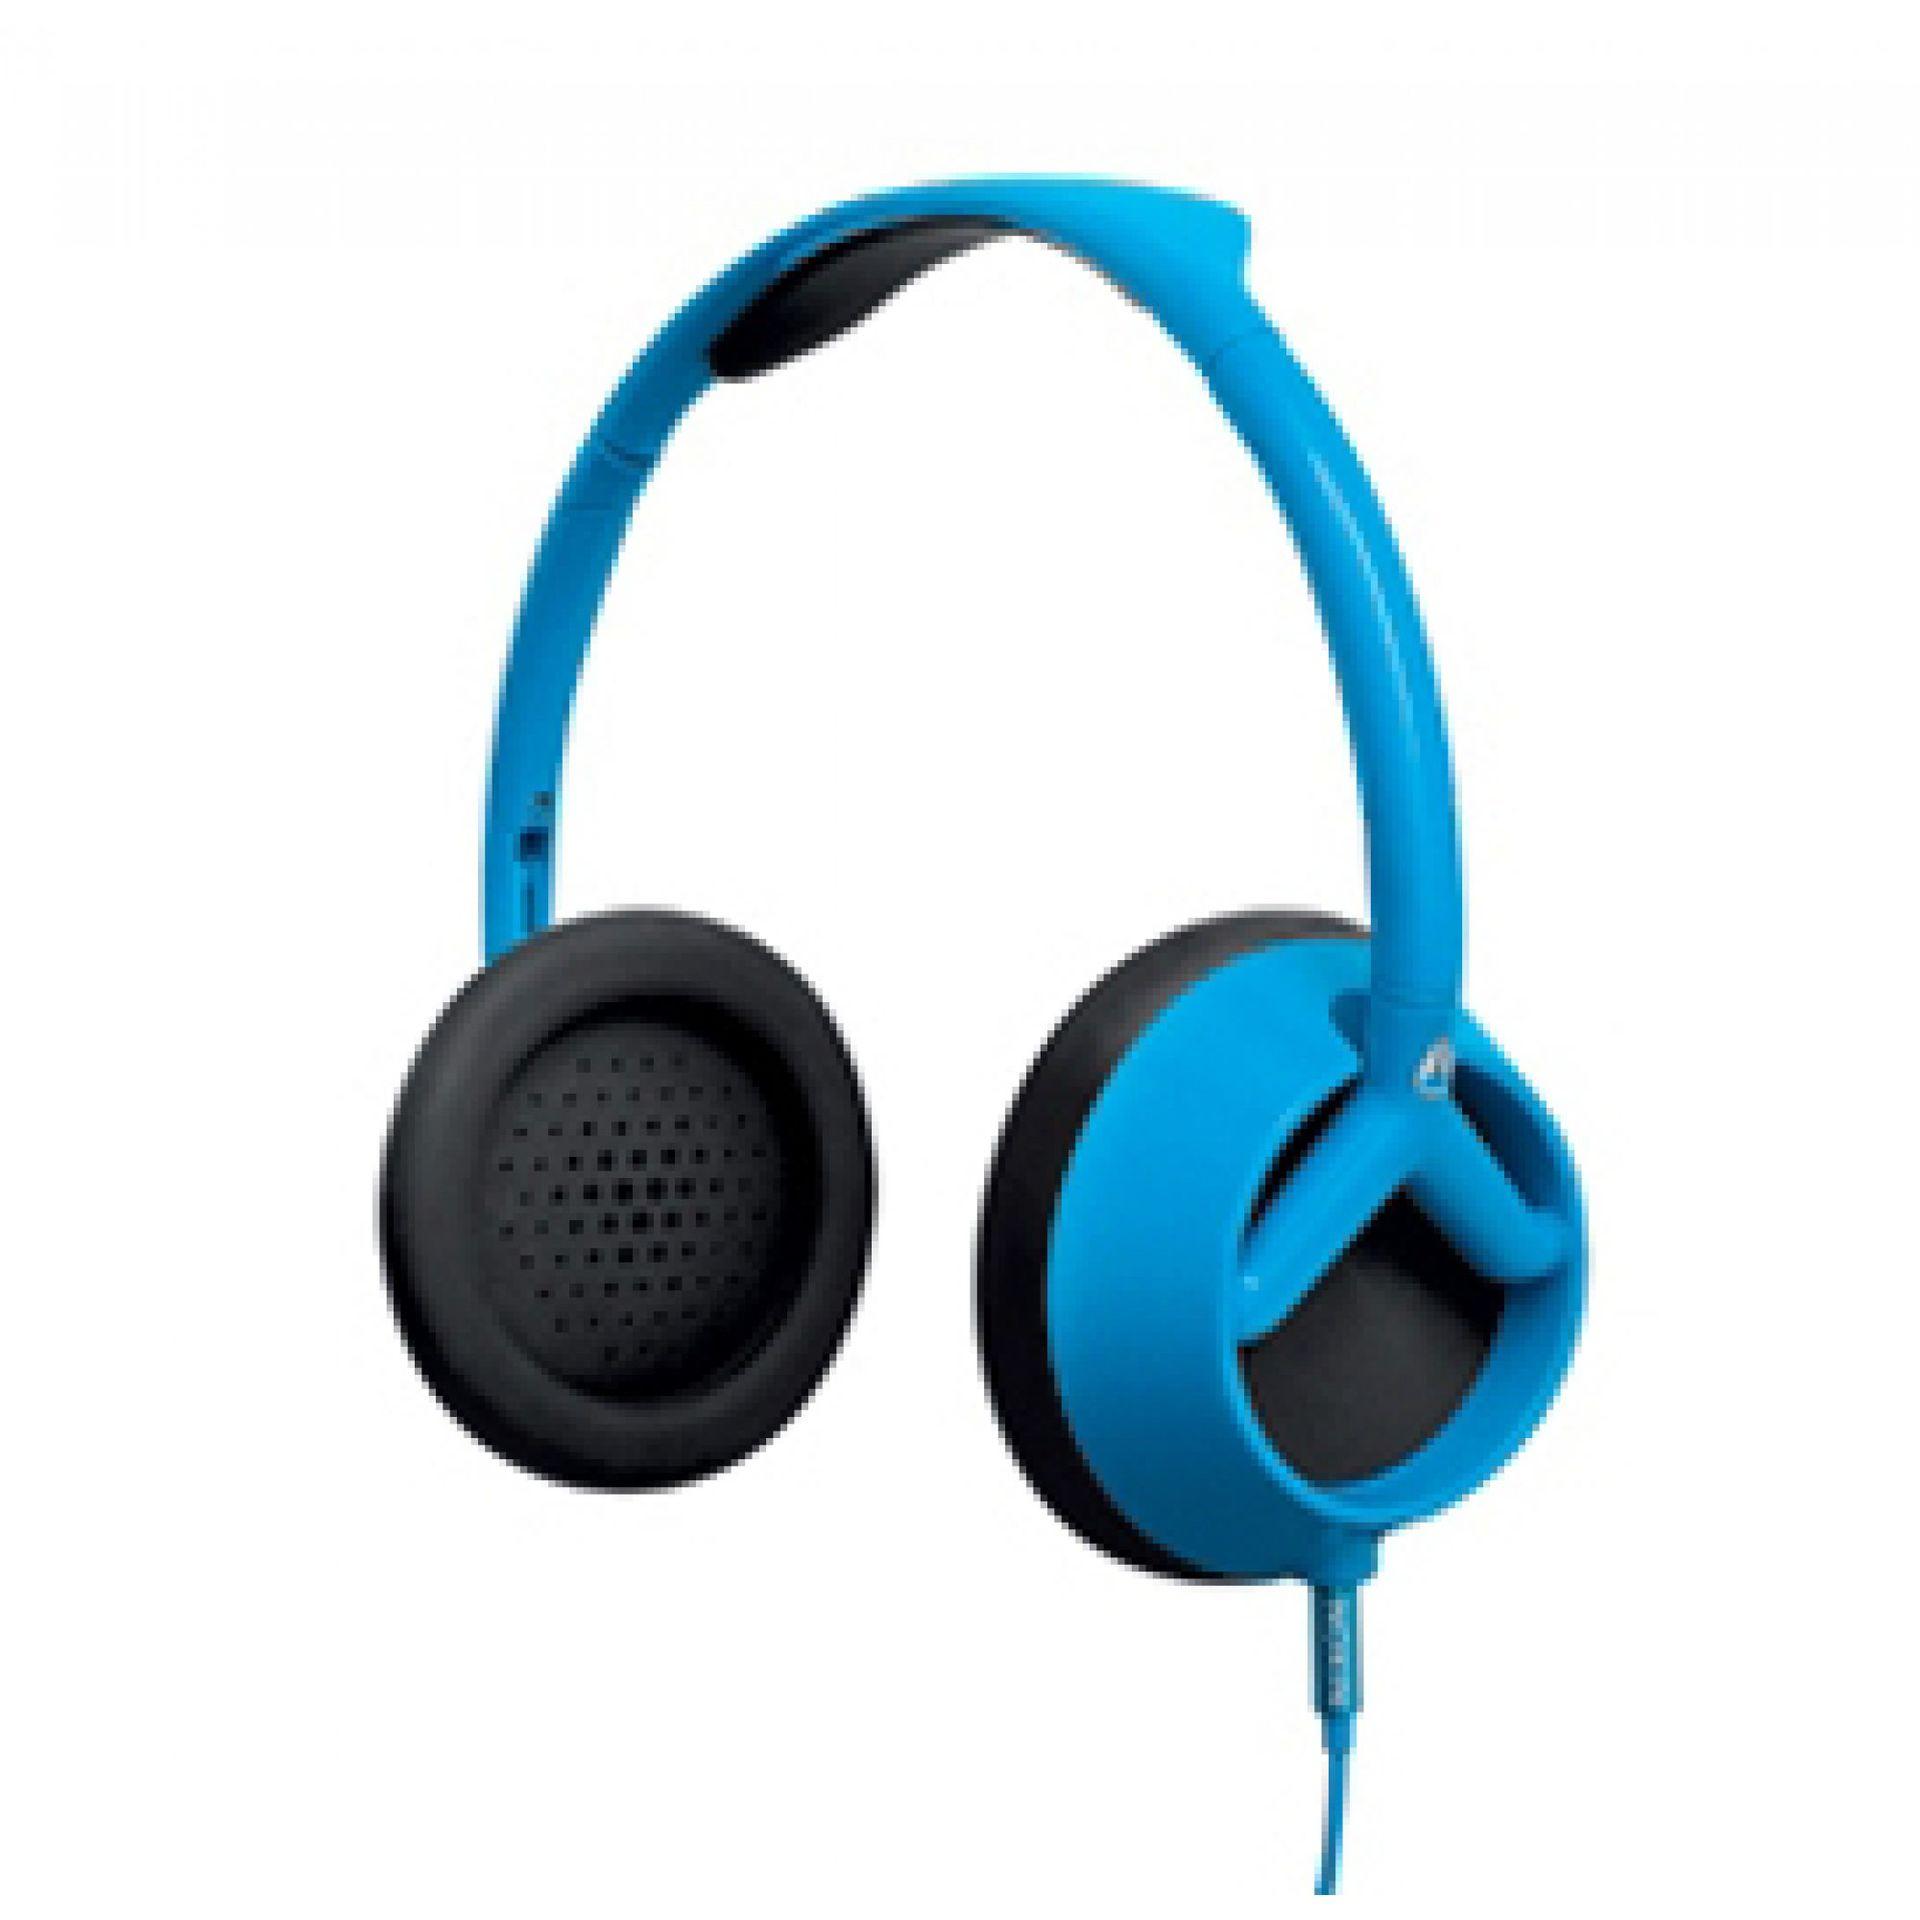 SŁUCHAWKI NIXON TROOPER BLUE 1